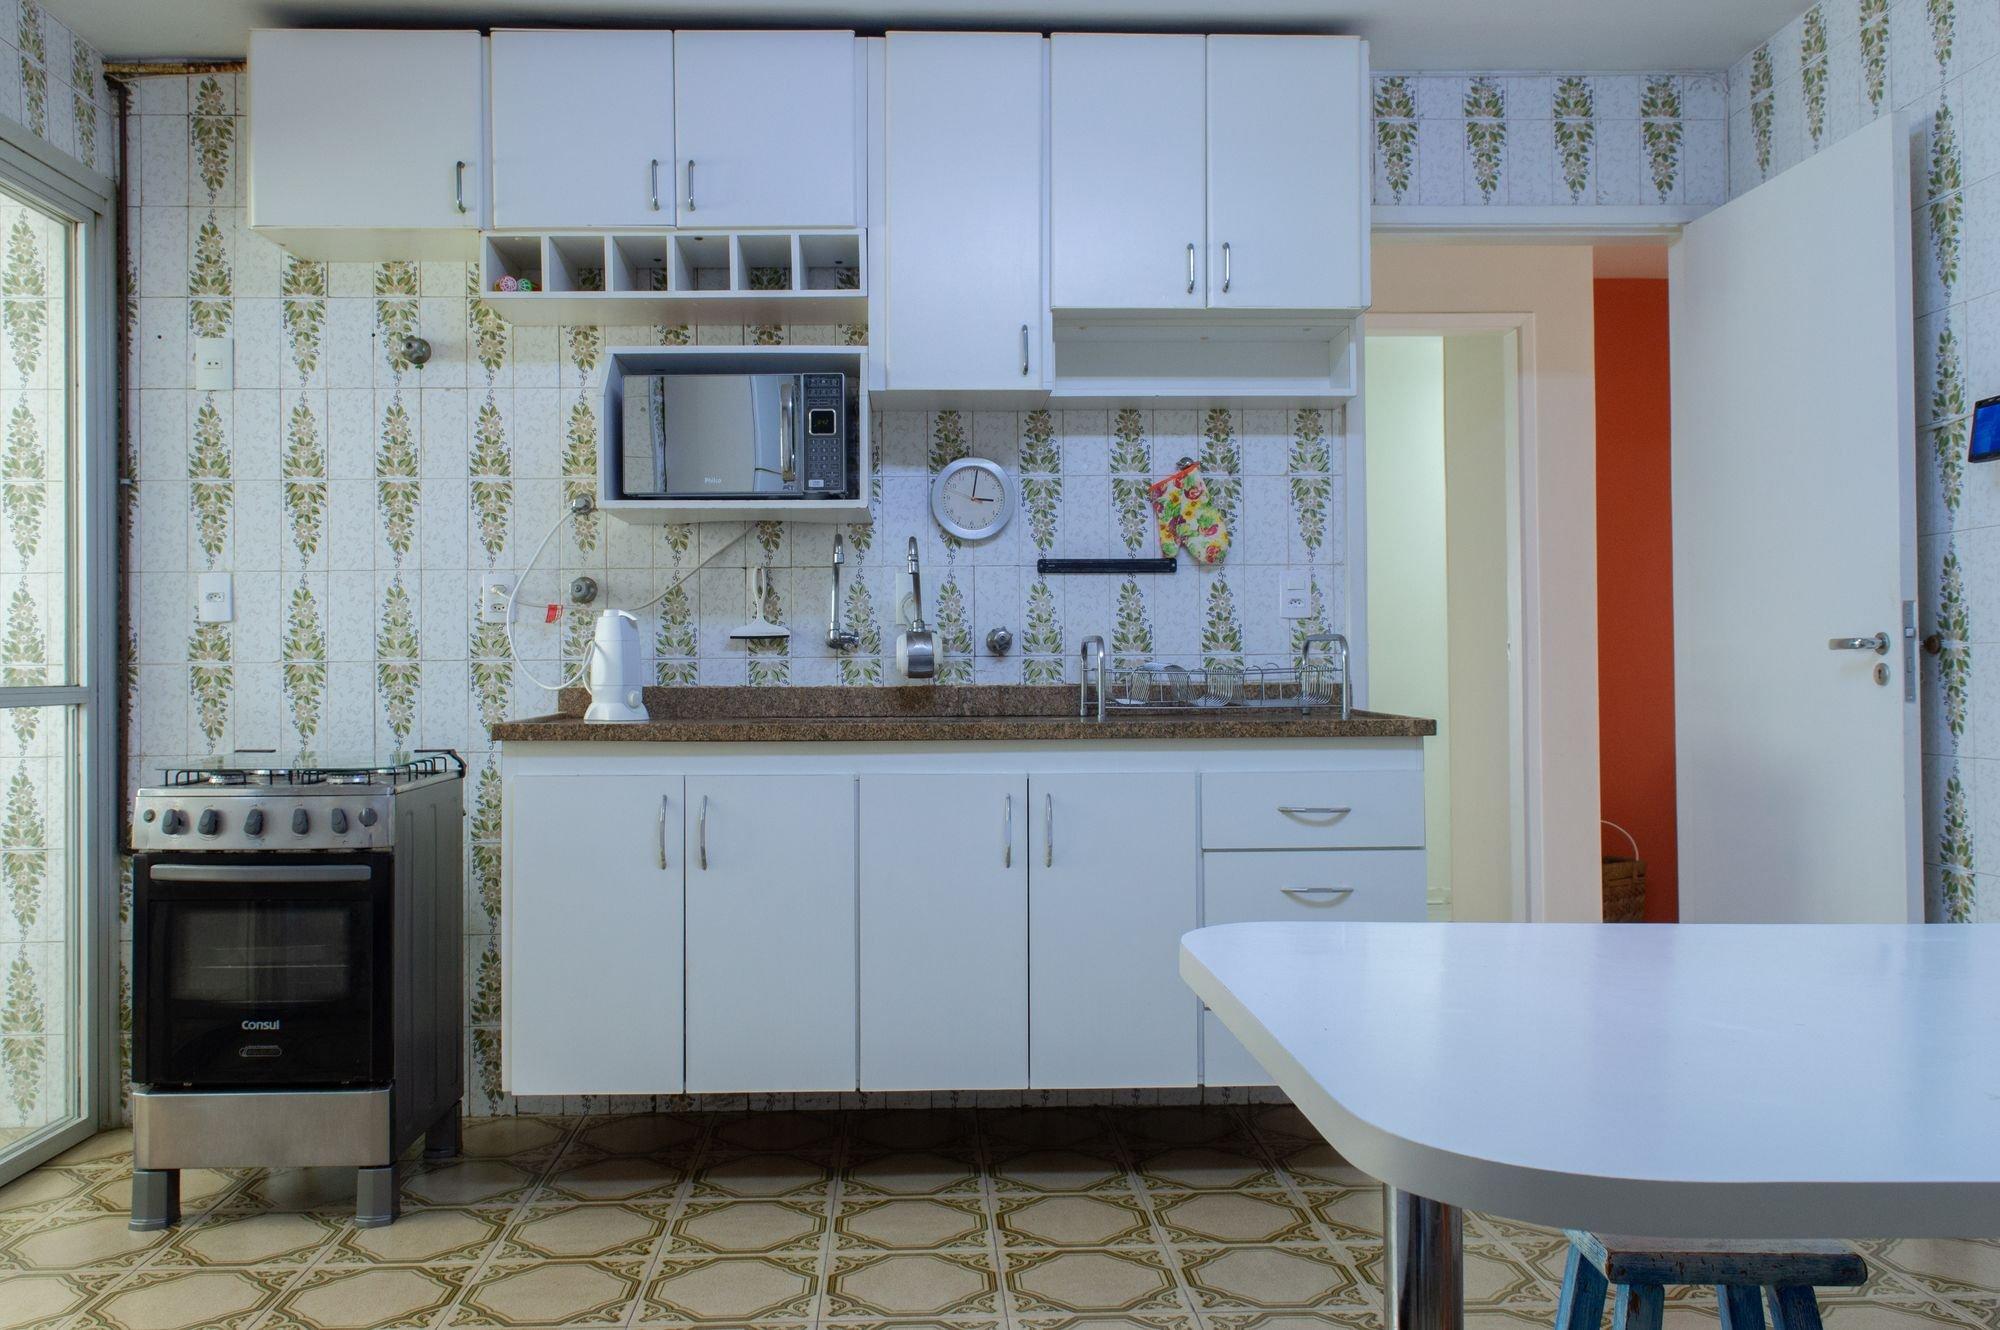 Foto de Cozinha com microondas, relógio, mesa de jantar